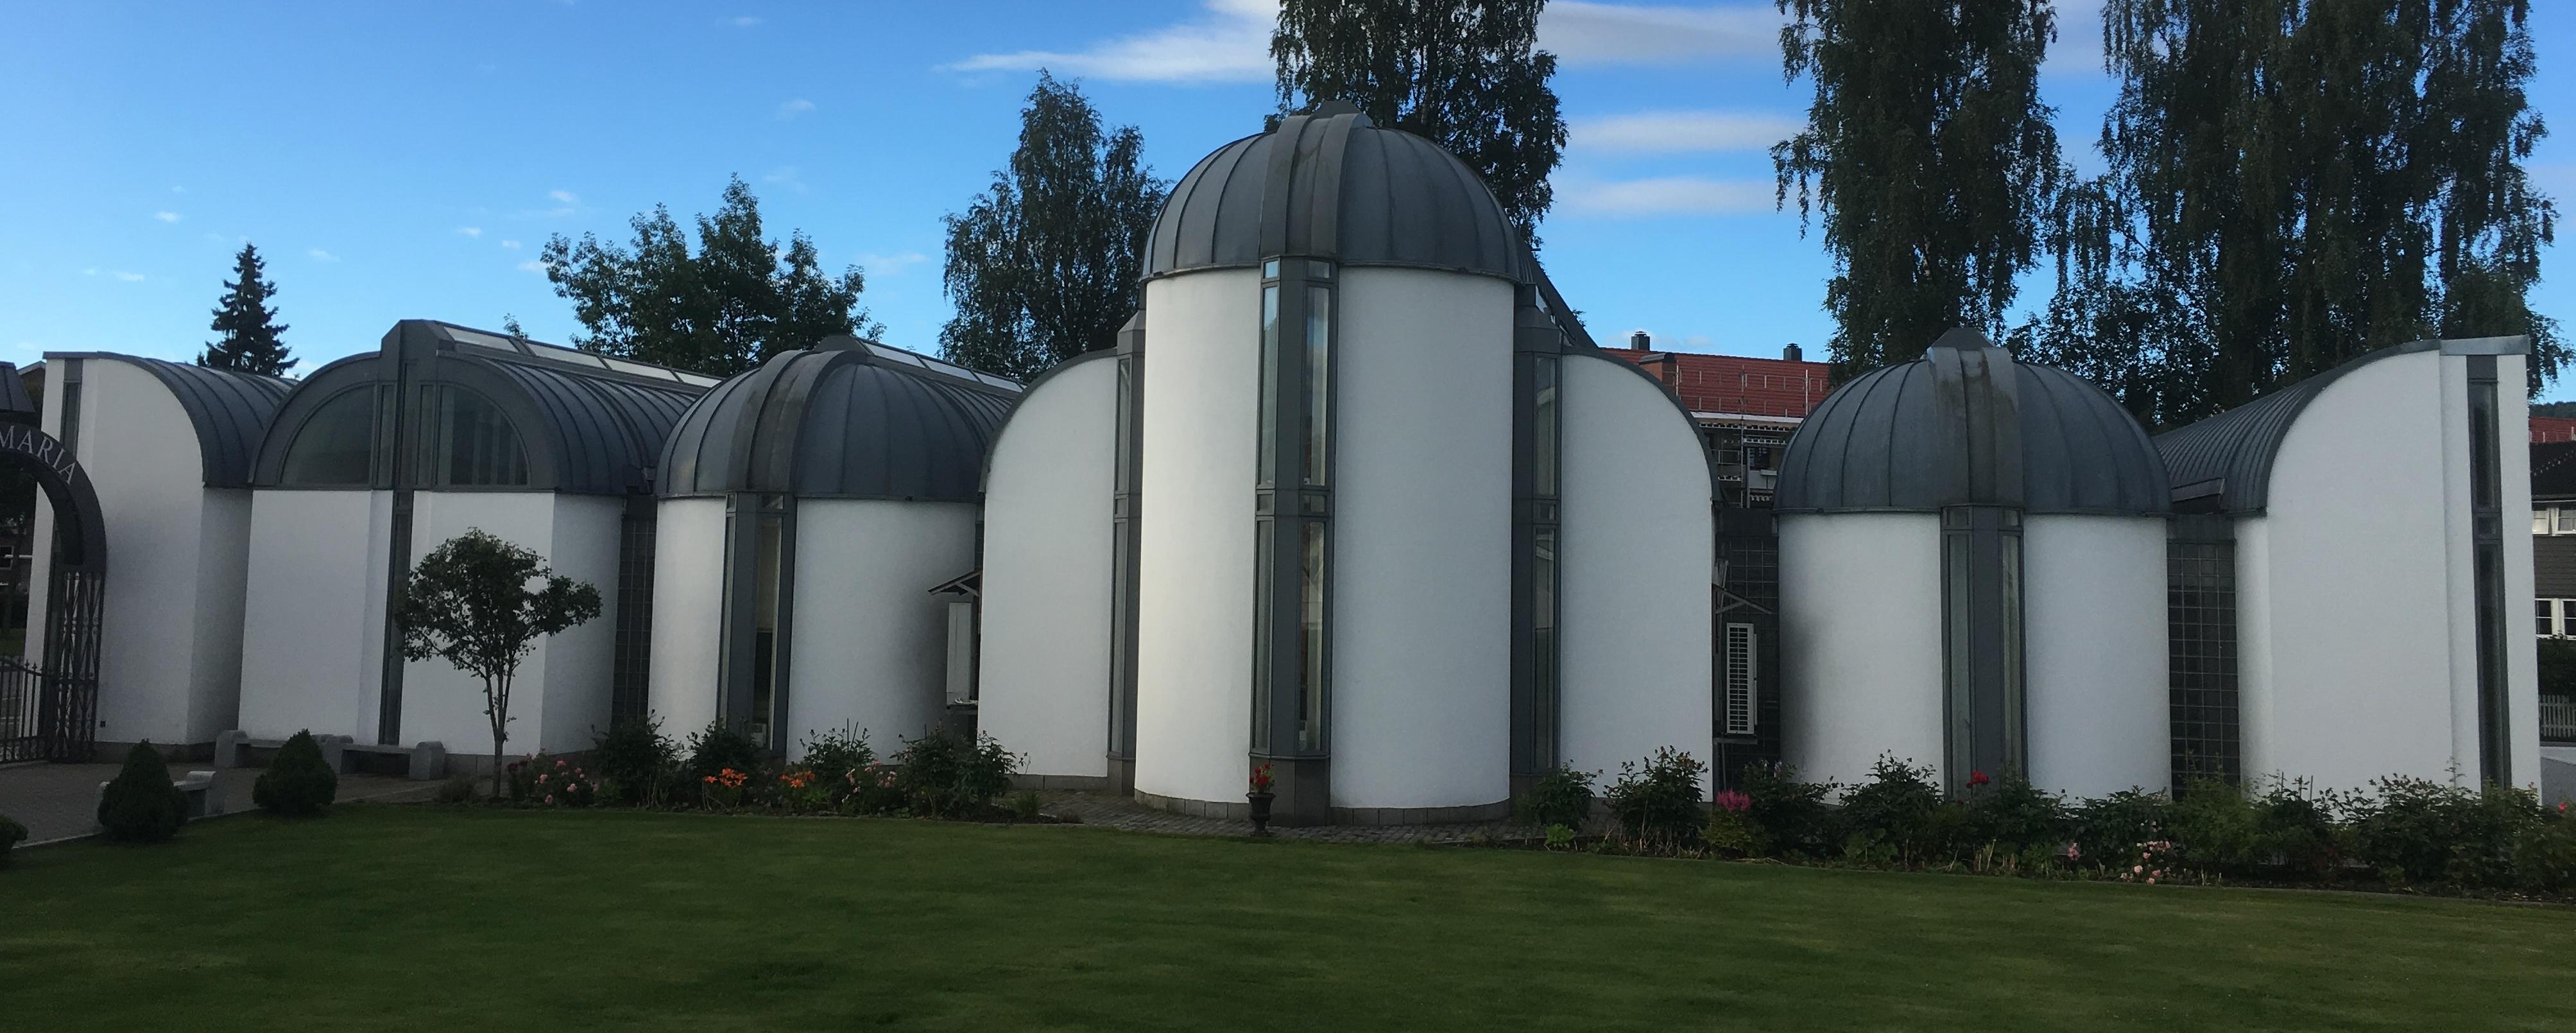 St. Magnus Katolske menighet i Lillestrøm